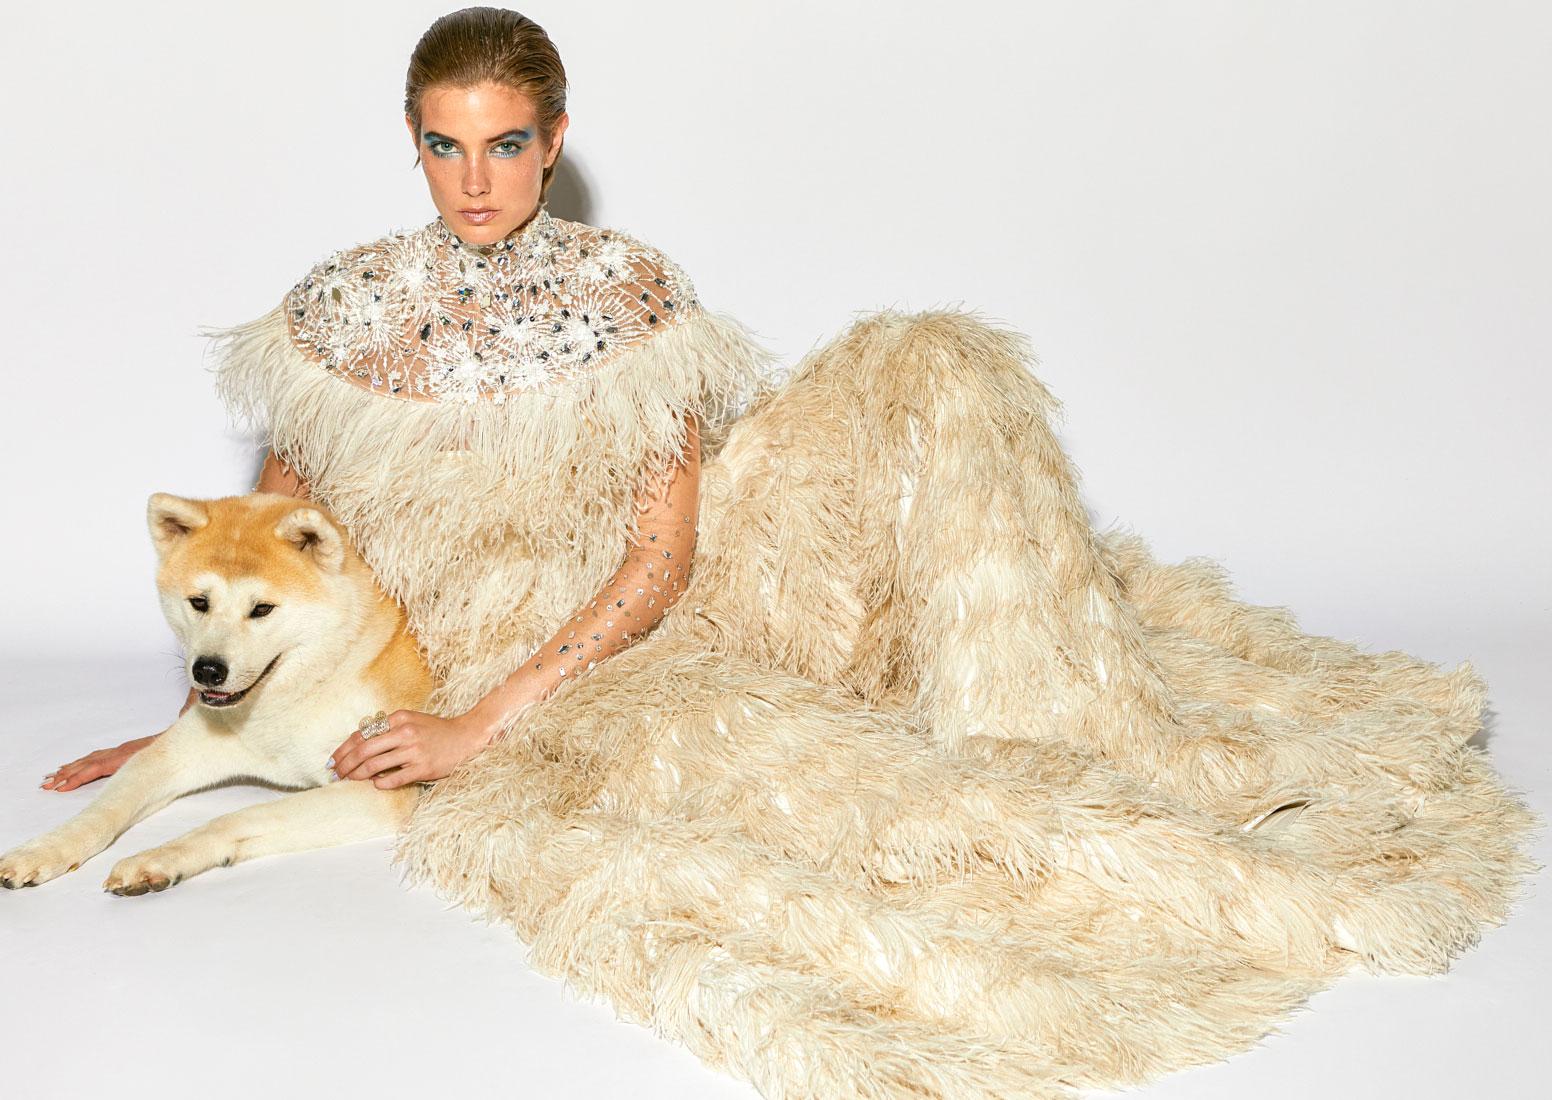 miss magazin, fashion editorial with dogs, austrian couture, olga rubio dalmau